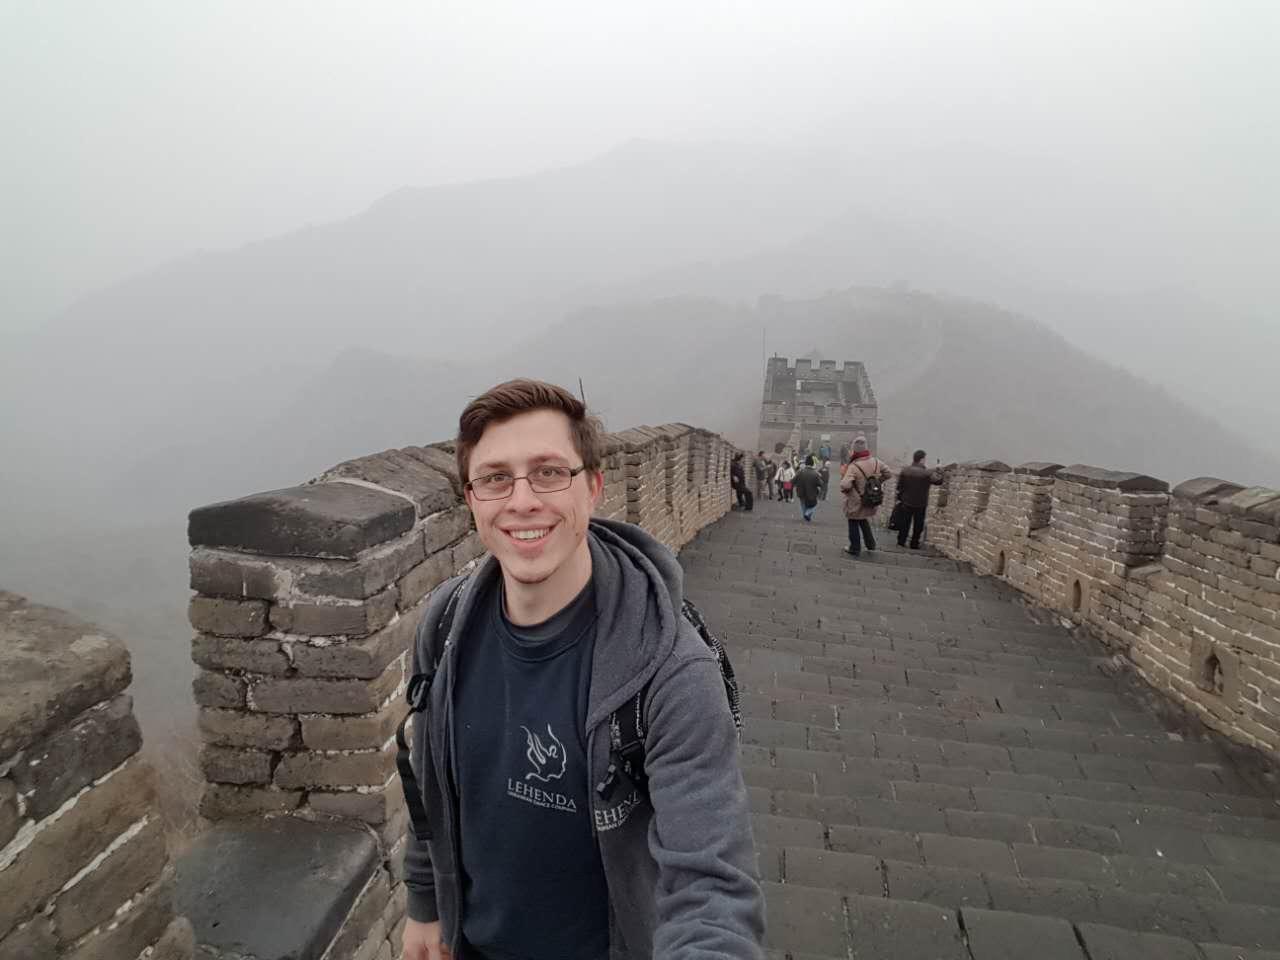 Michael at the Great Wall of China!